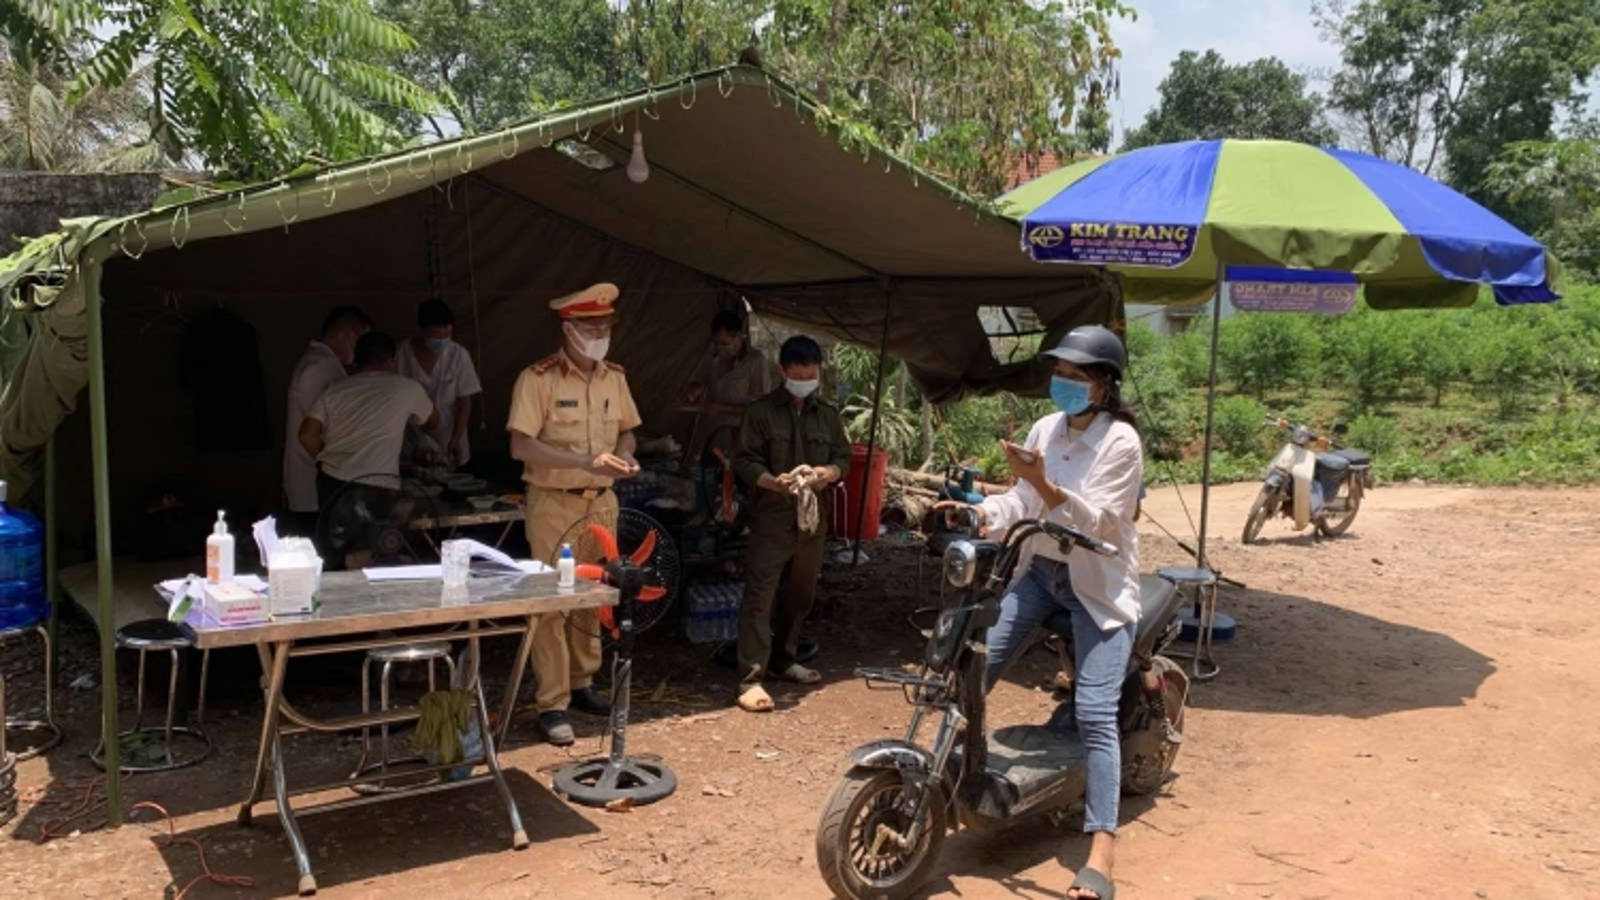 Ngăn chặn sự lây lan Covid-19 từ khu dân cư thôn Chim (Lạng Sơn)